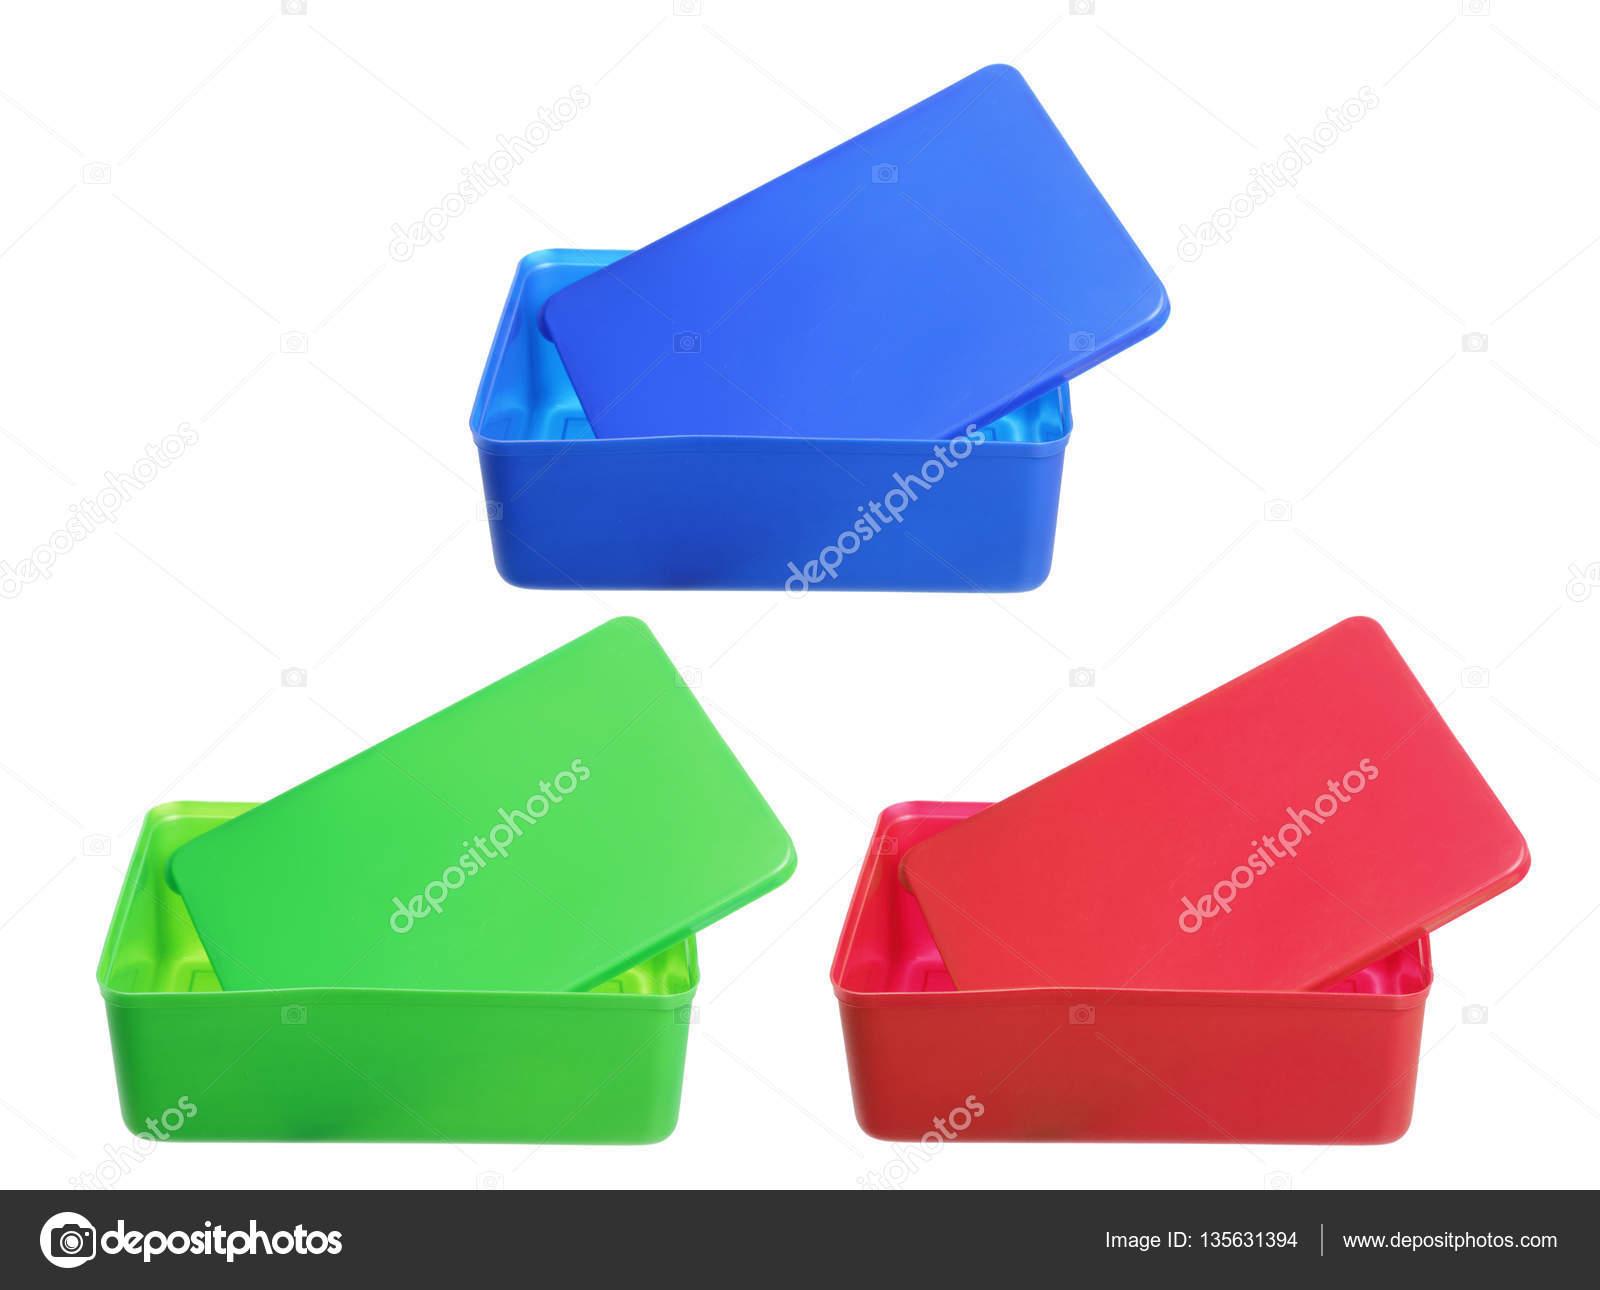 2dcdcc3be6 Plastové kufříky — Stock Fotografie © newlight  135631394